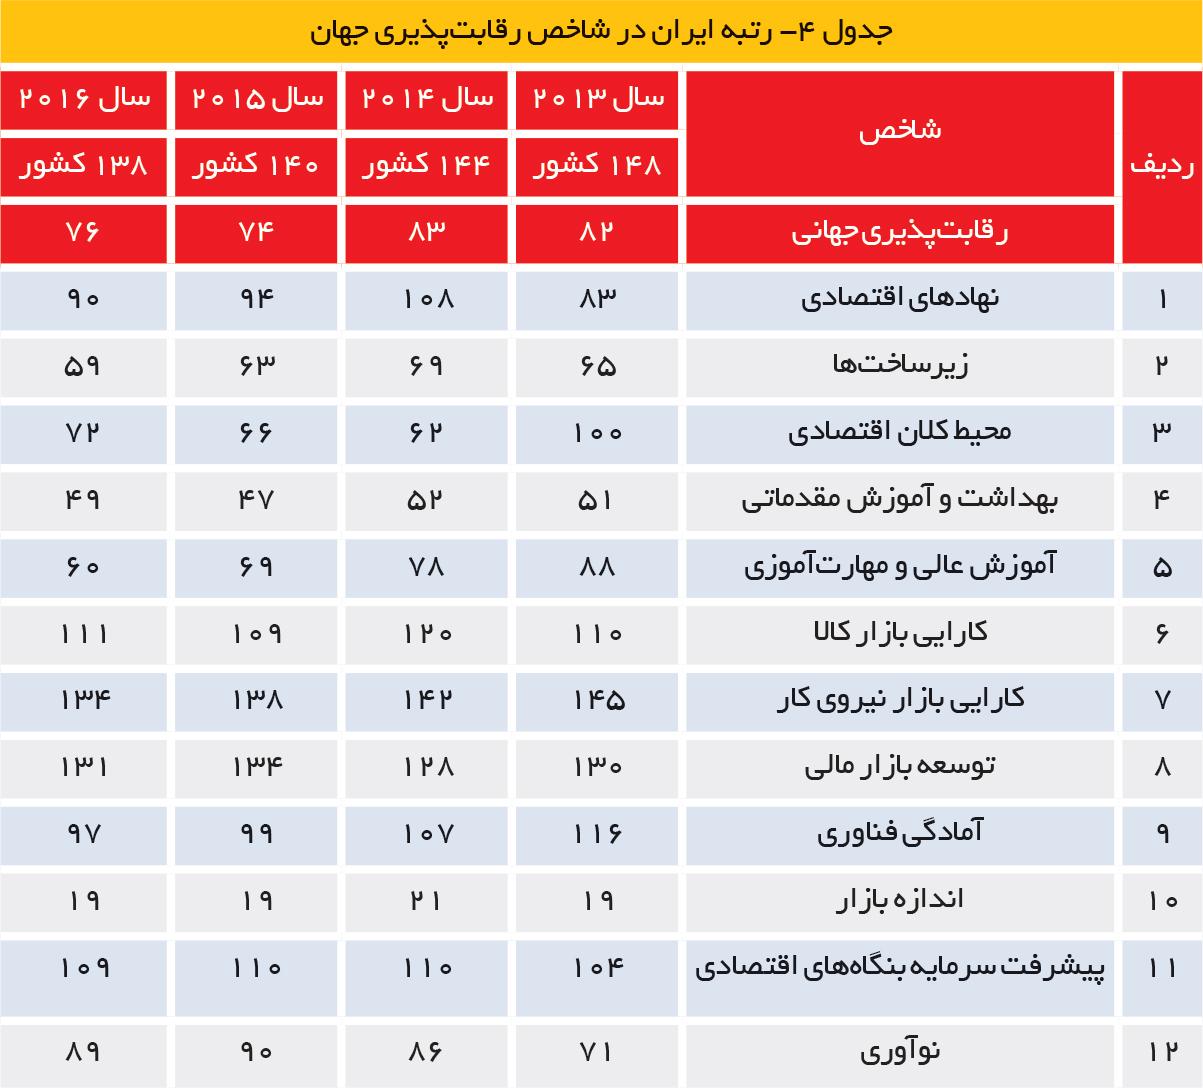 تجارت فردا- رتبه ایران در شاخص رقابتپذیری جهان